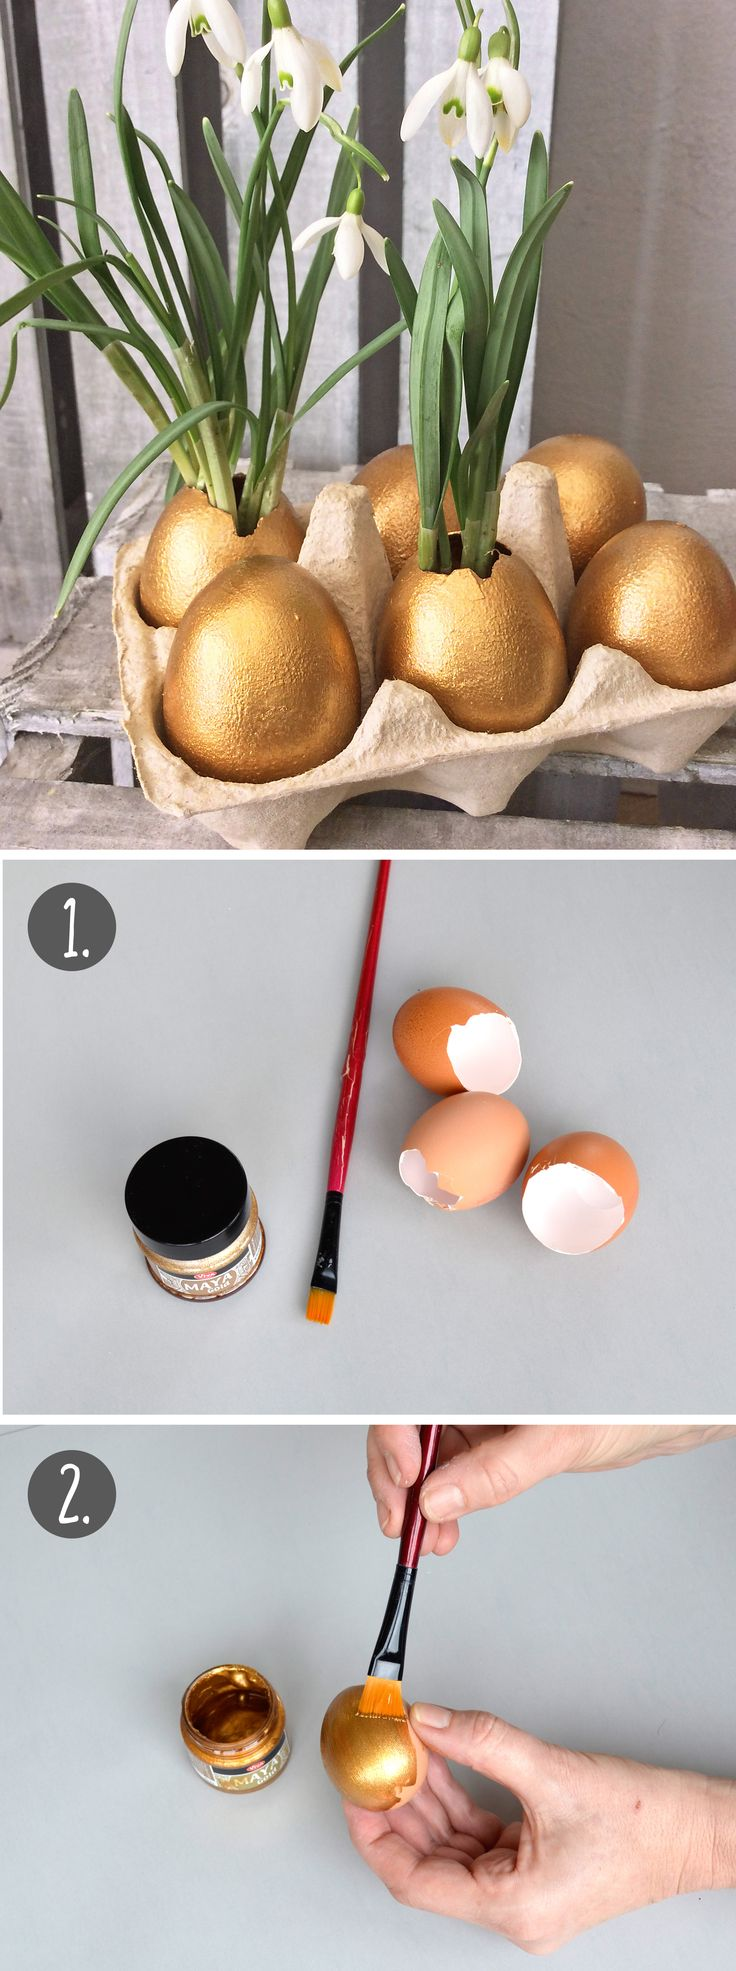 Goldene Ostern - so schnell, so schön! So werden Eier, gestaltet mit Maya-Gold, zum edlen Pflanzgefäß. Im klassischen Eierkarton wirken die Mini-Vasen besonders edel.